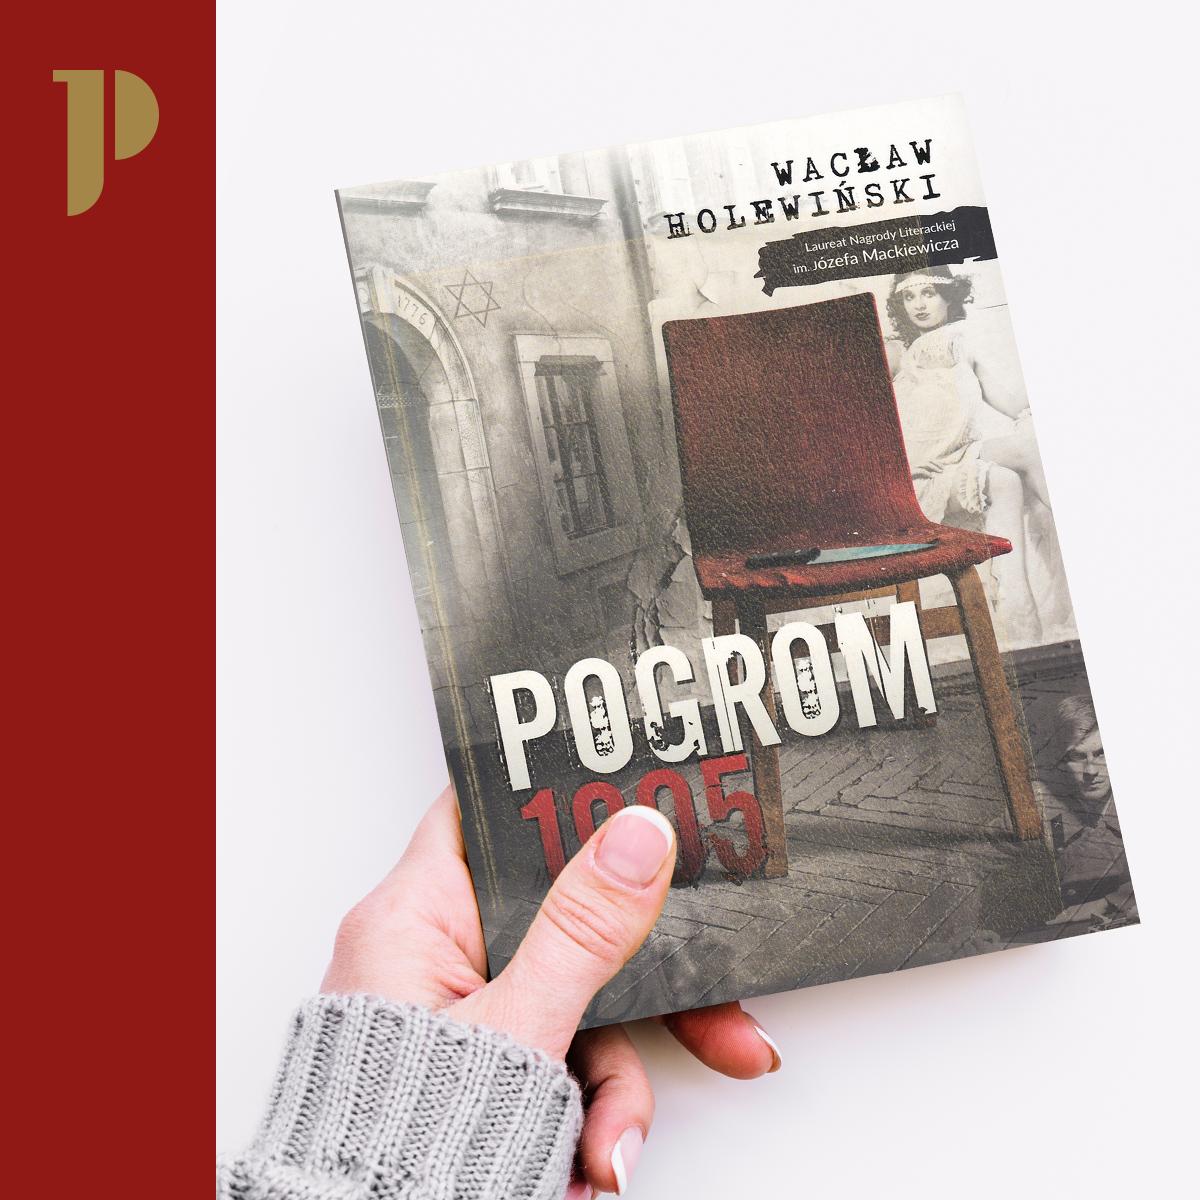 okładka książki W. Holewińskiego - Pogrom 1905